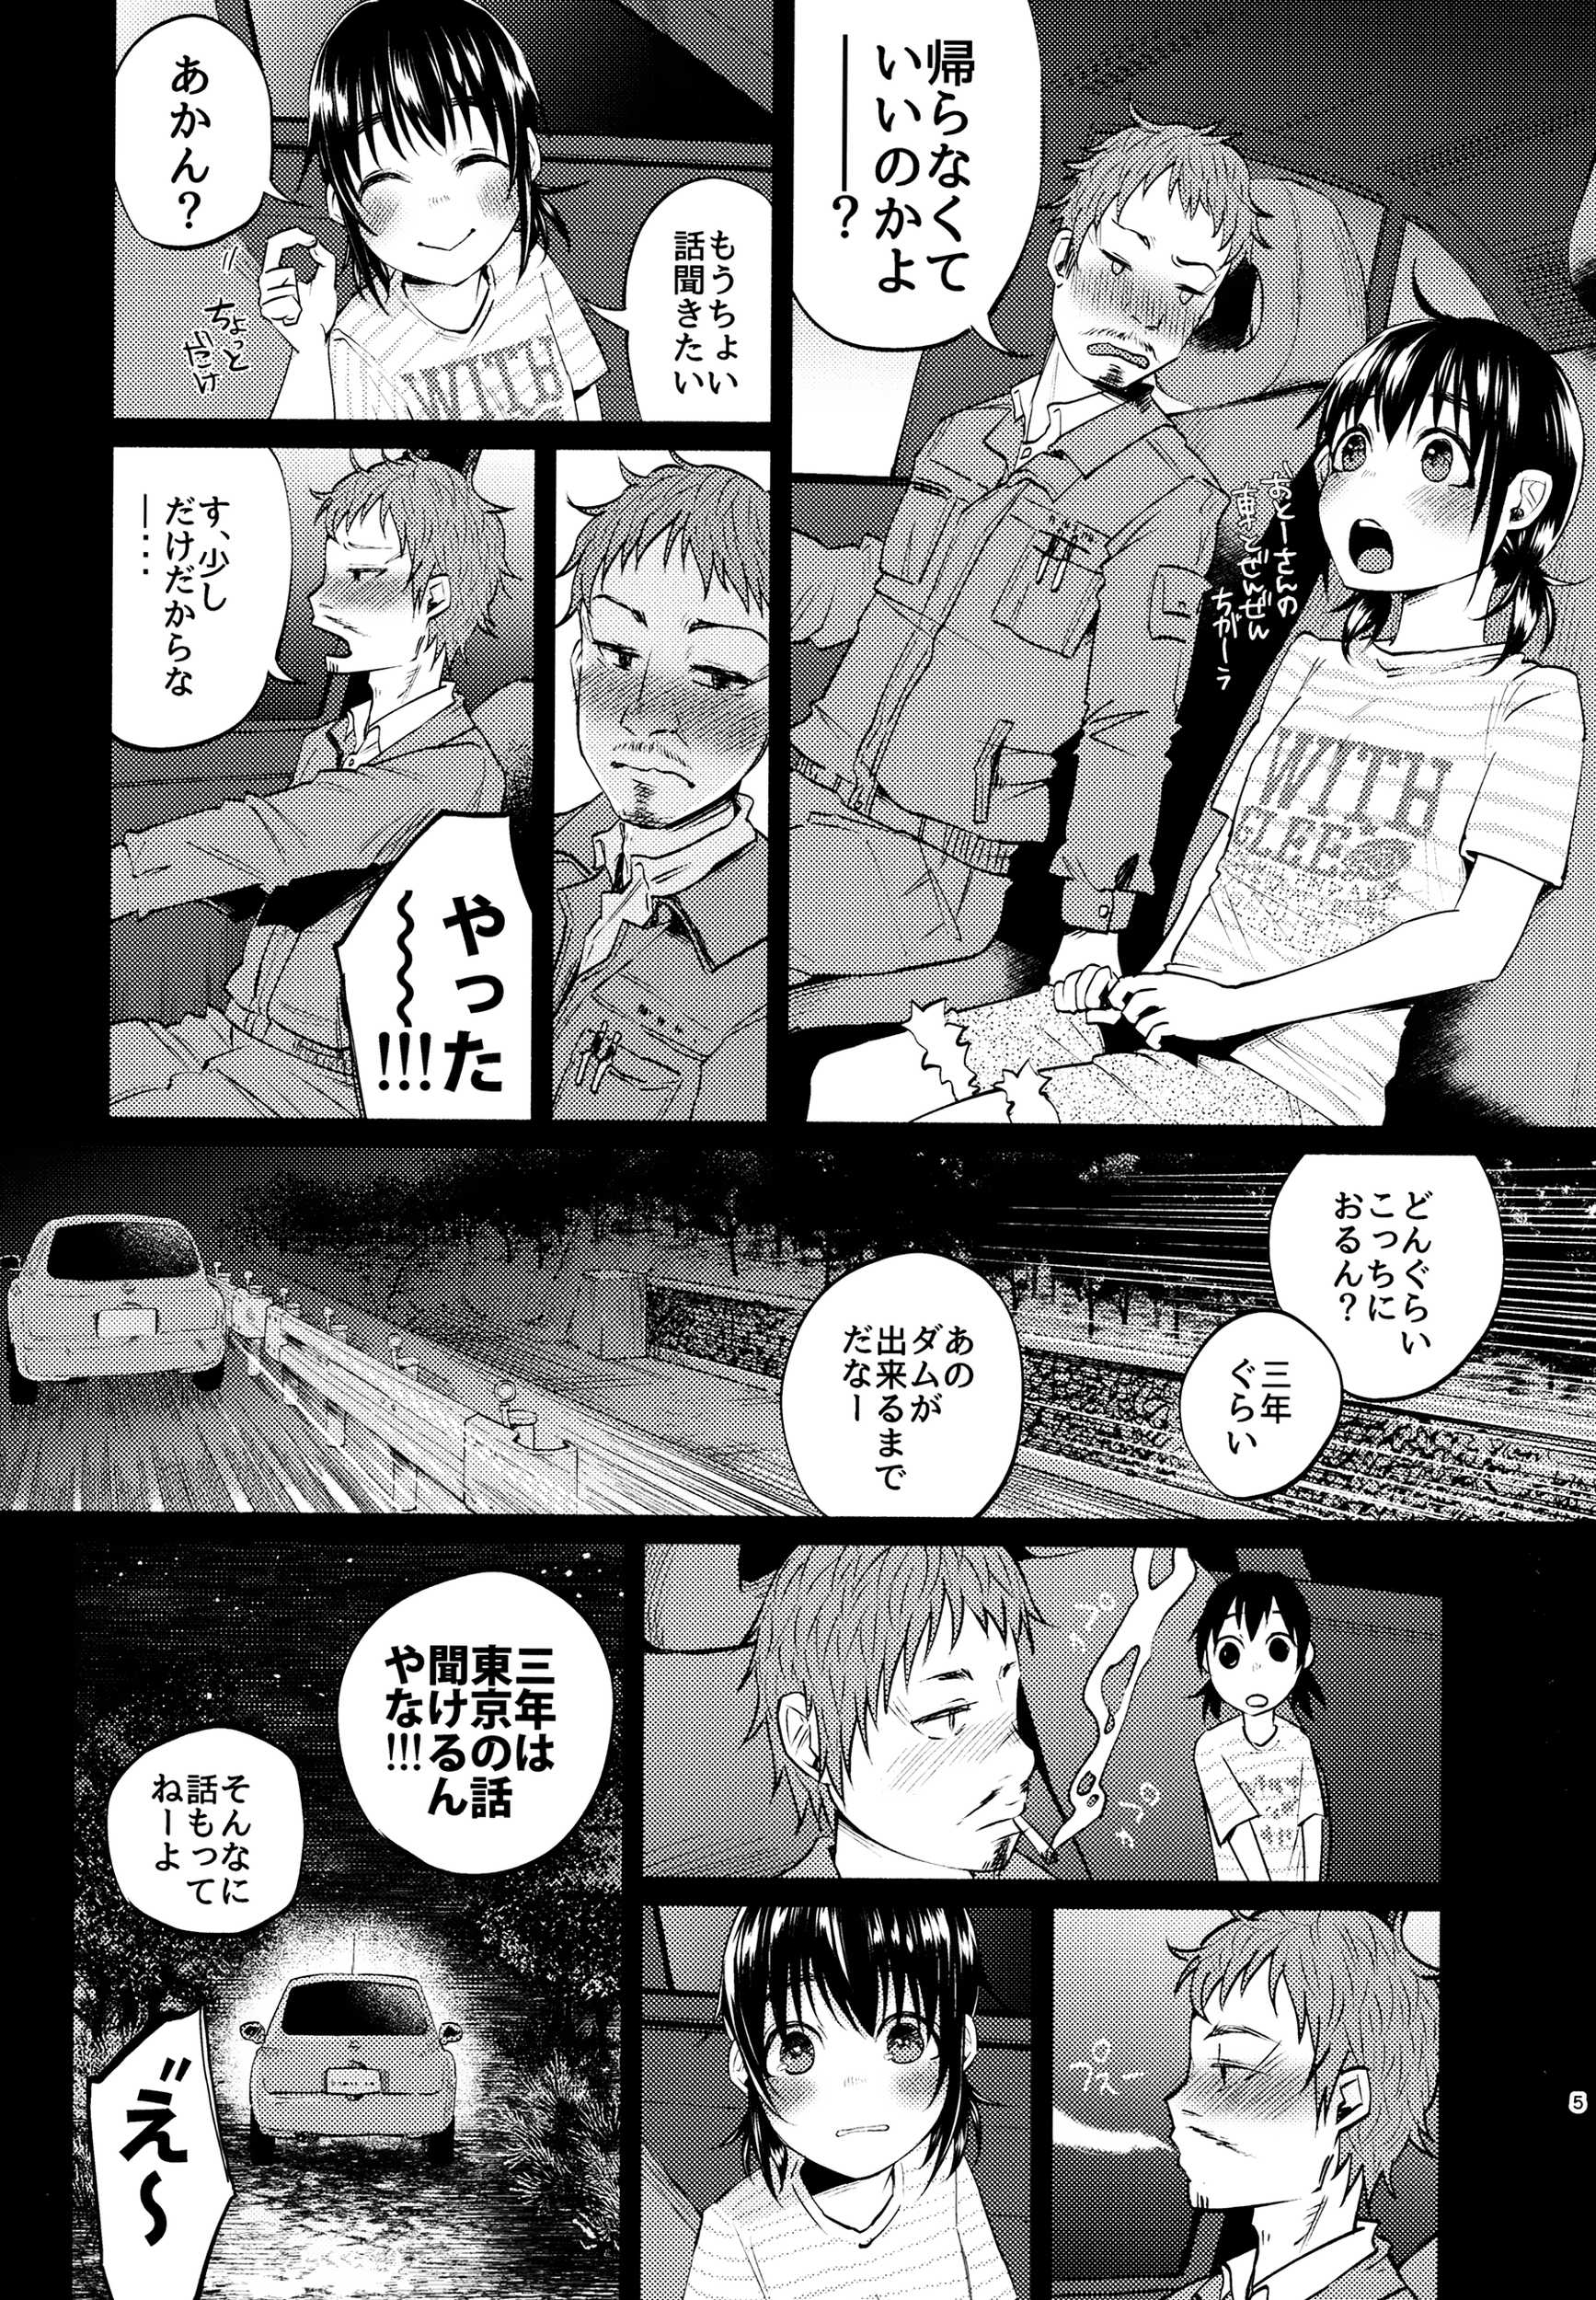 【エロ漫画】ウブな田舎娘に手を出したらヤンデレ化して逆レイプされるww【無料 エロ同人誌】 (4)